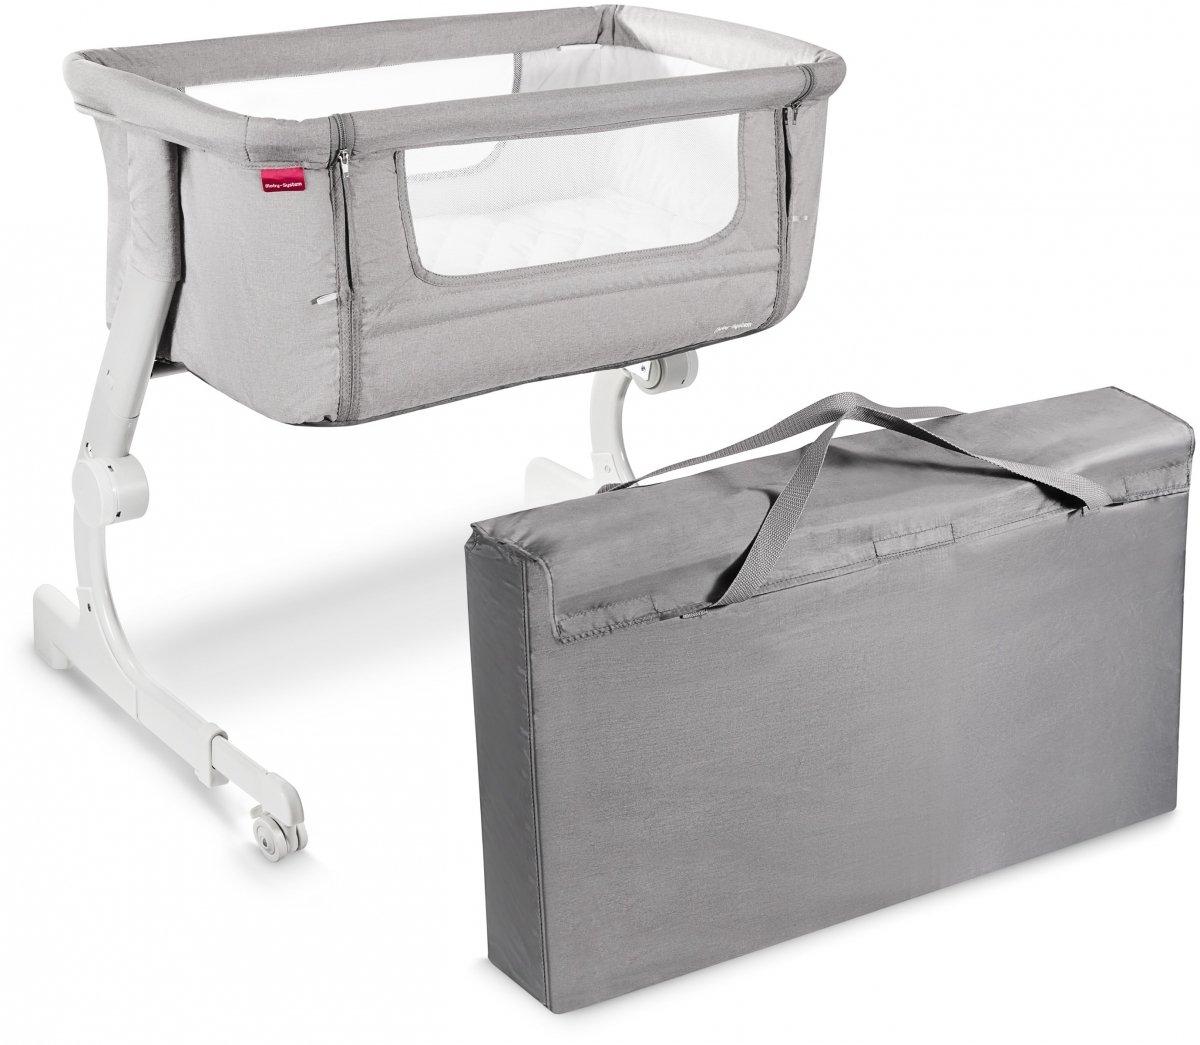 Łóżeczko 2w1 dostawne do łóżka lub wolnostojące Moby-System CLOSER